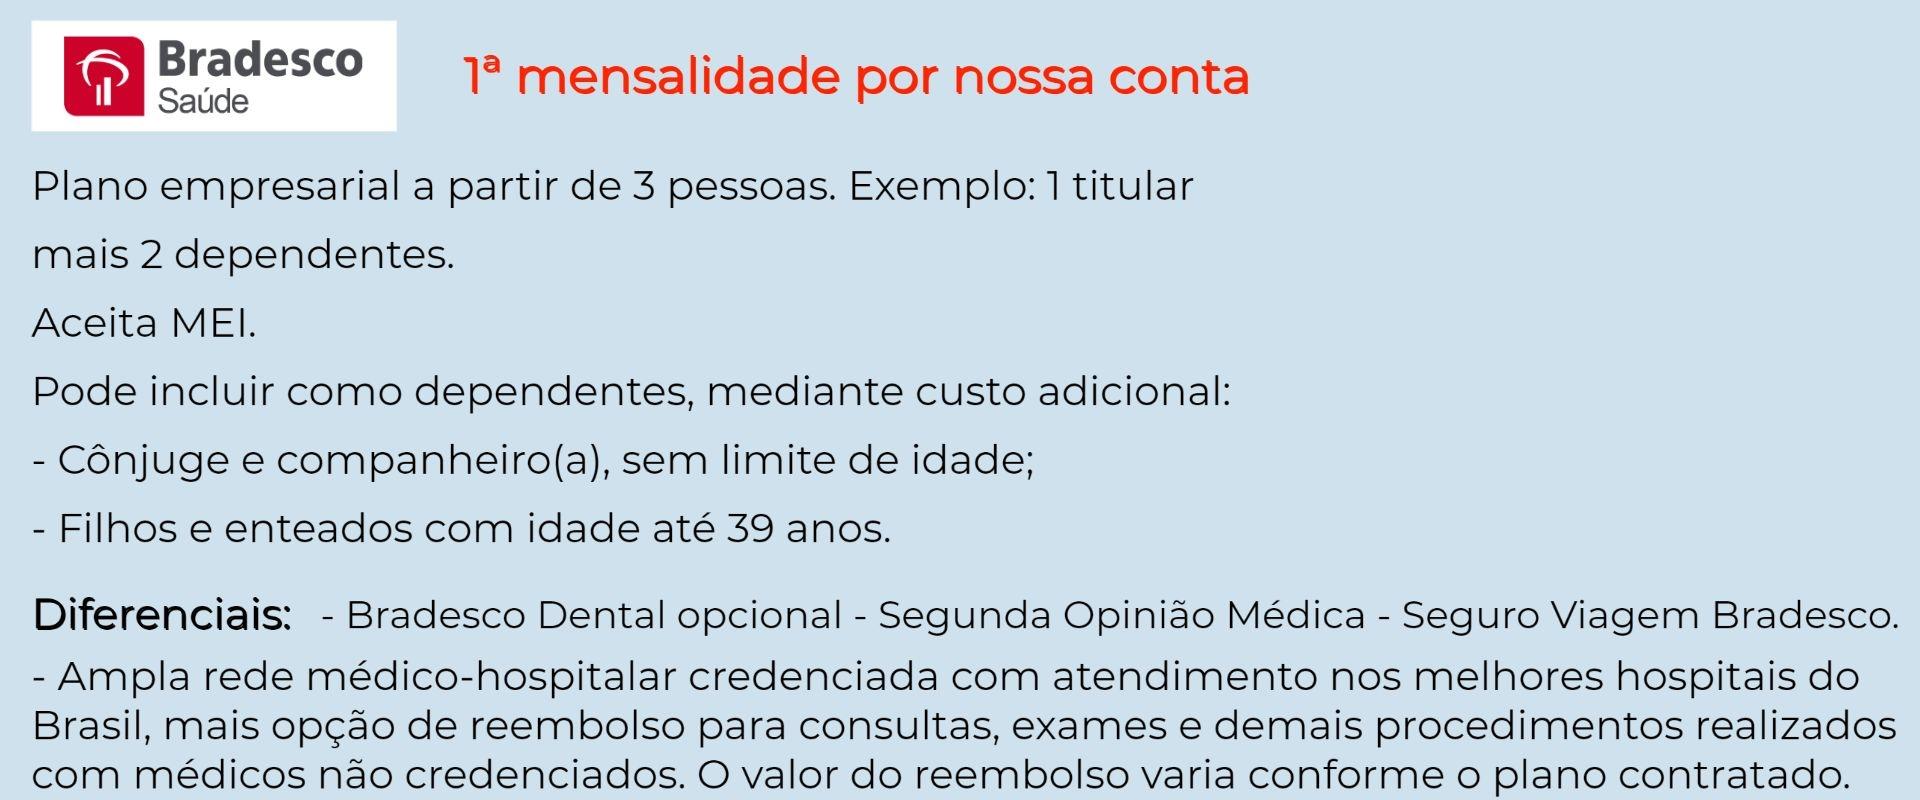 Bradesco Saúde Empresarial - Santana de Parnaíba